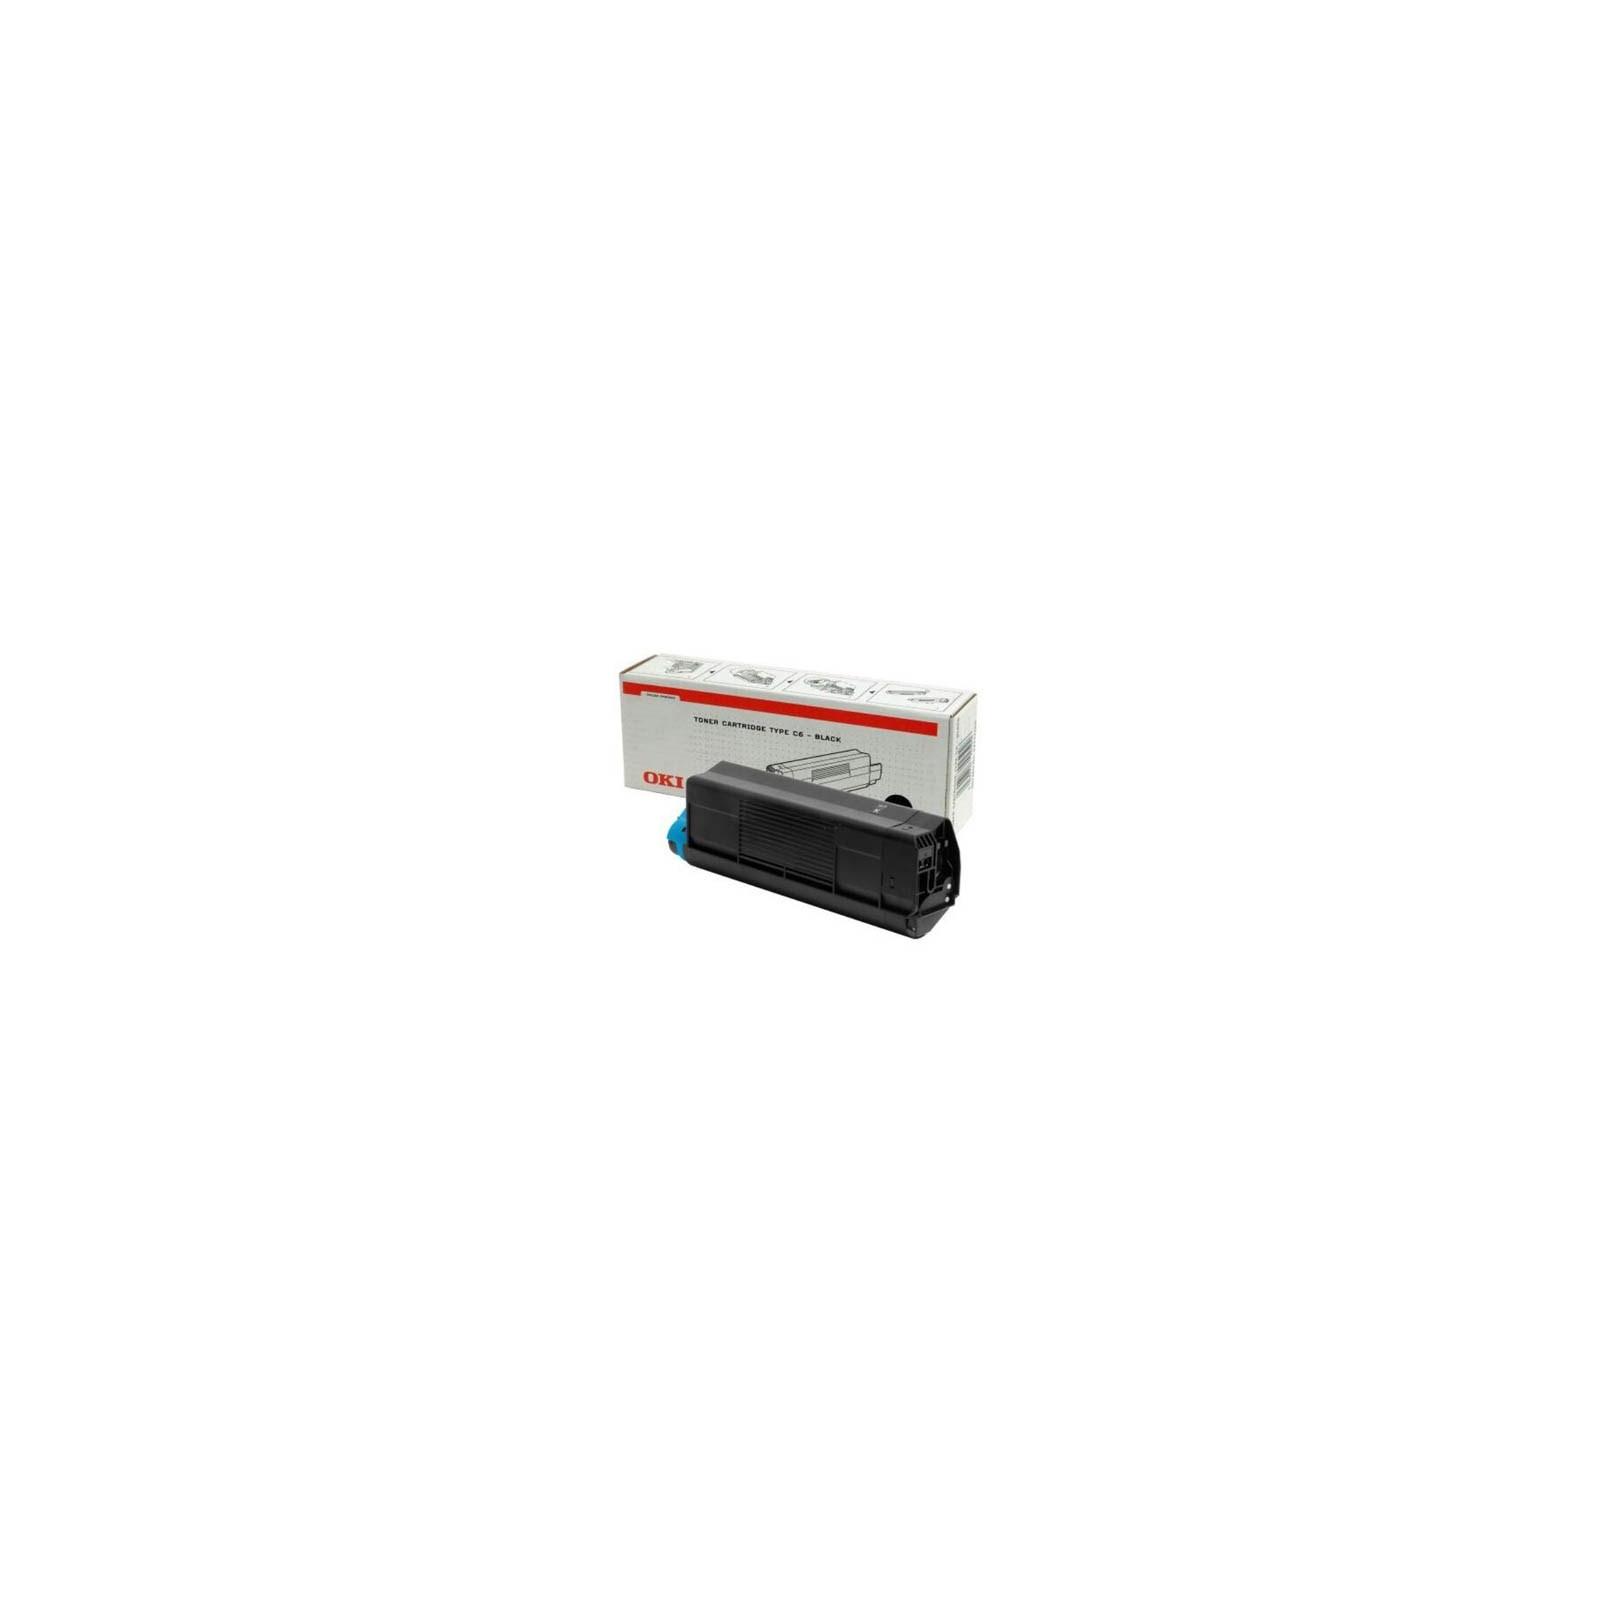 Тонер-картридж OKI C5200/5400 black (42804569)